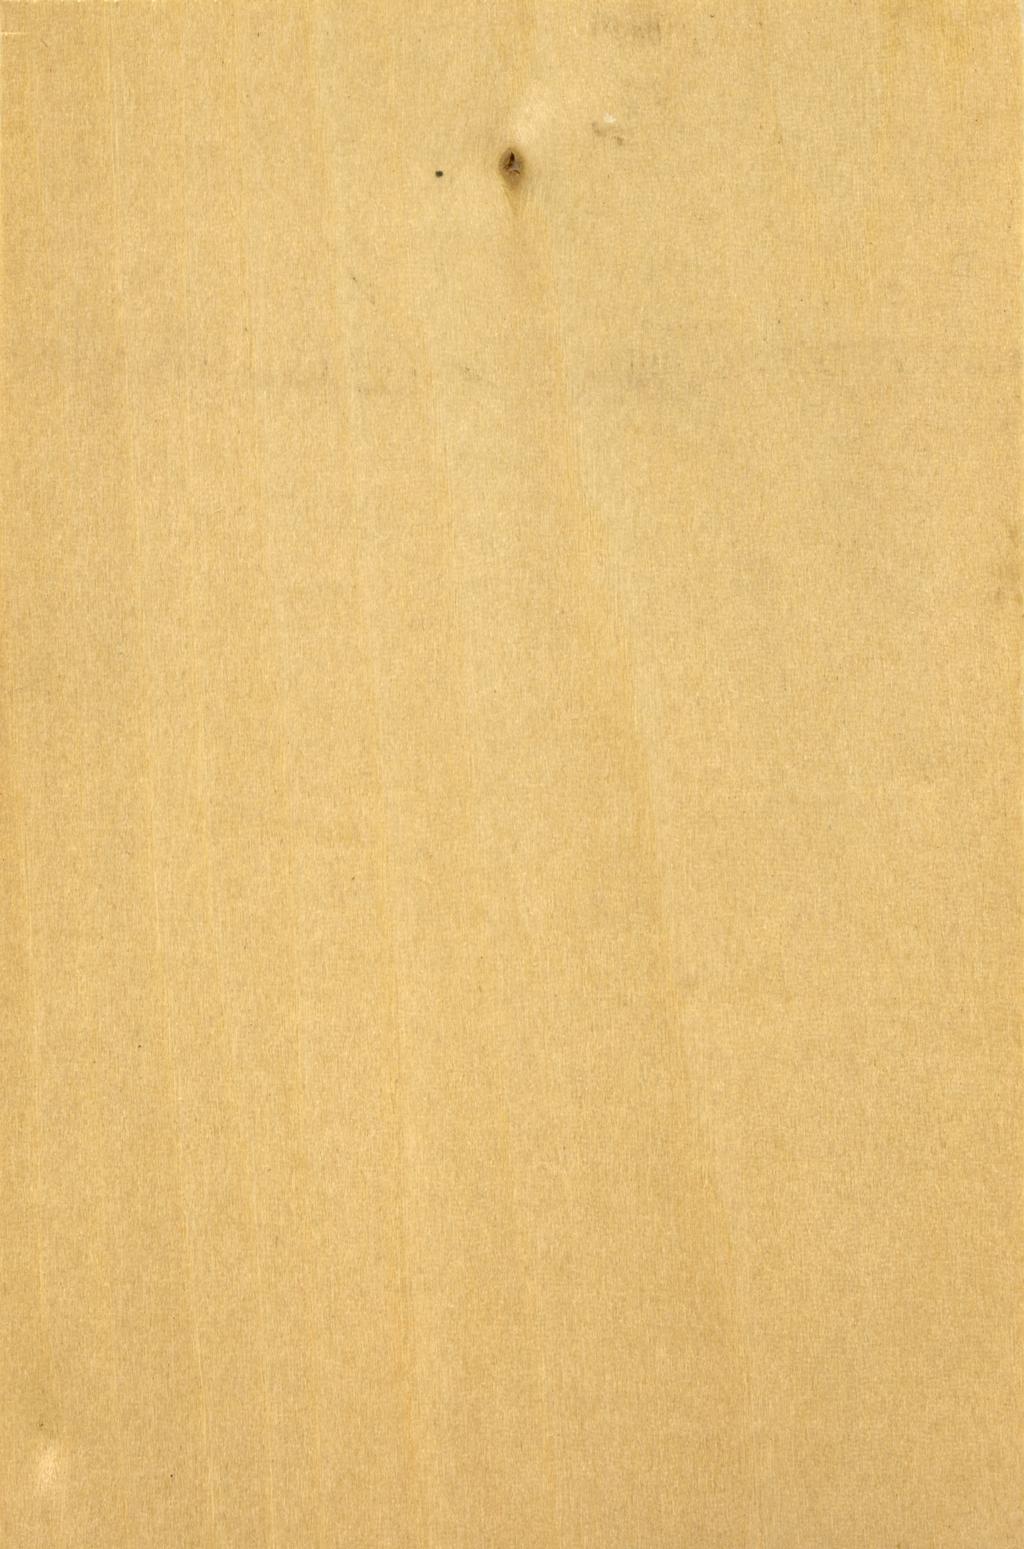 木质纹理手机壁纸